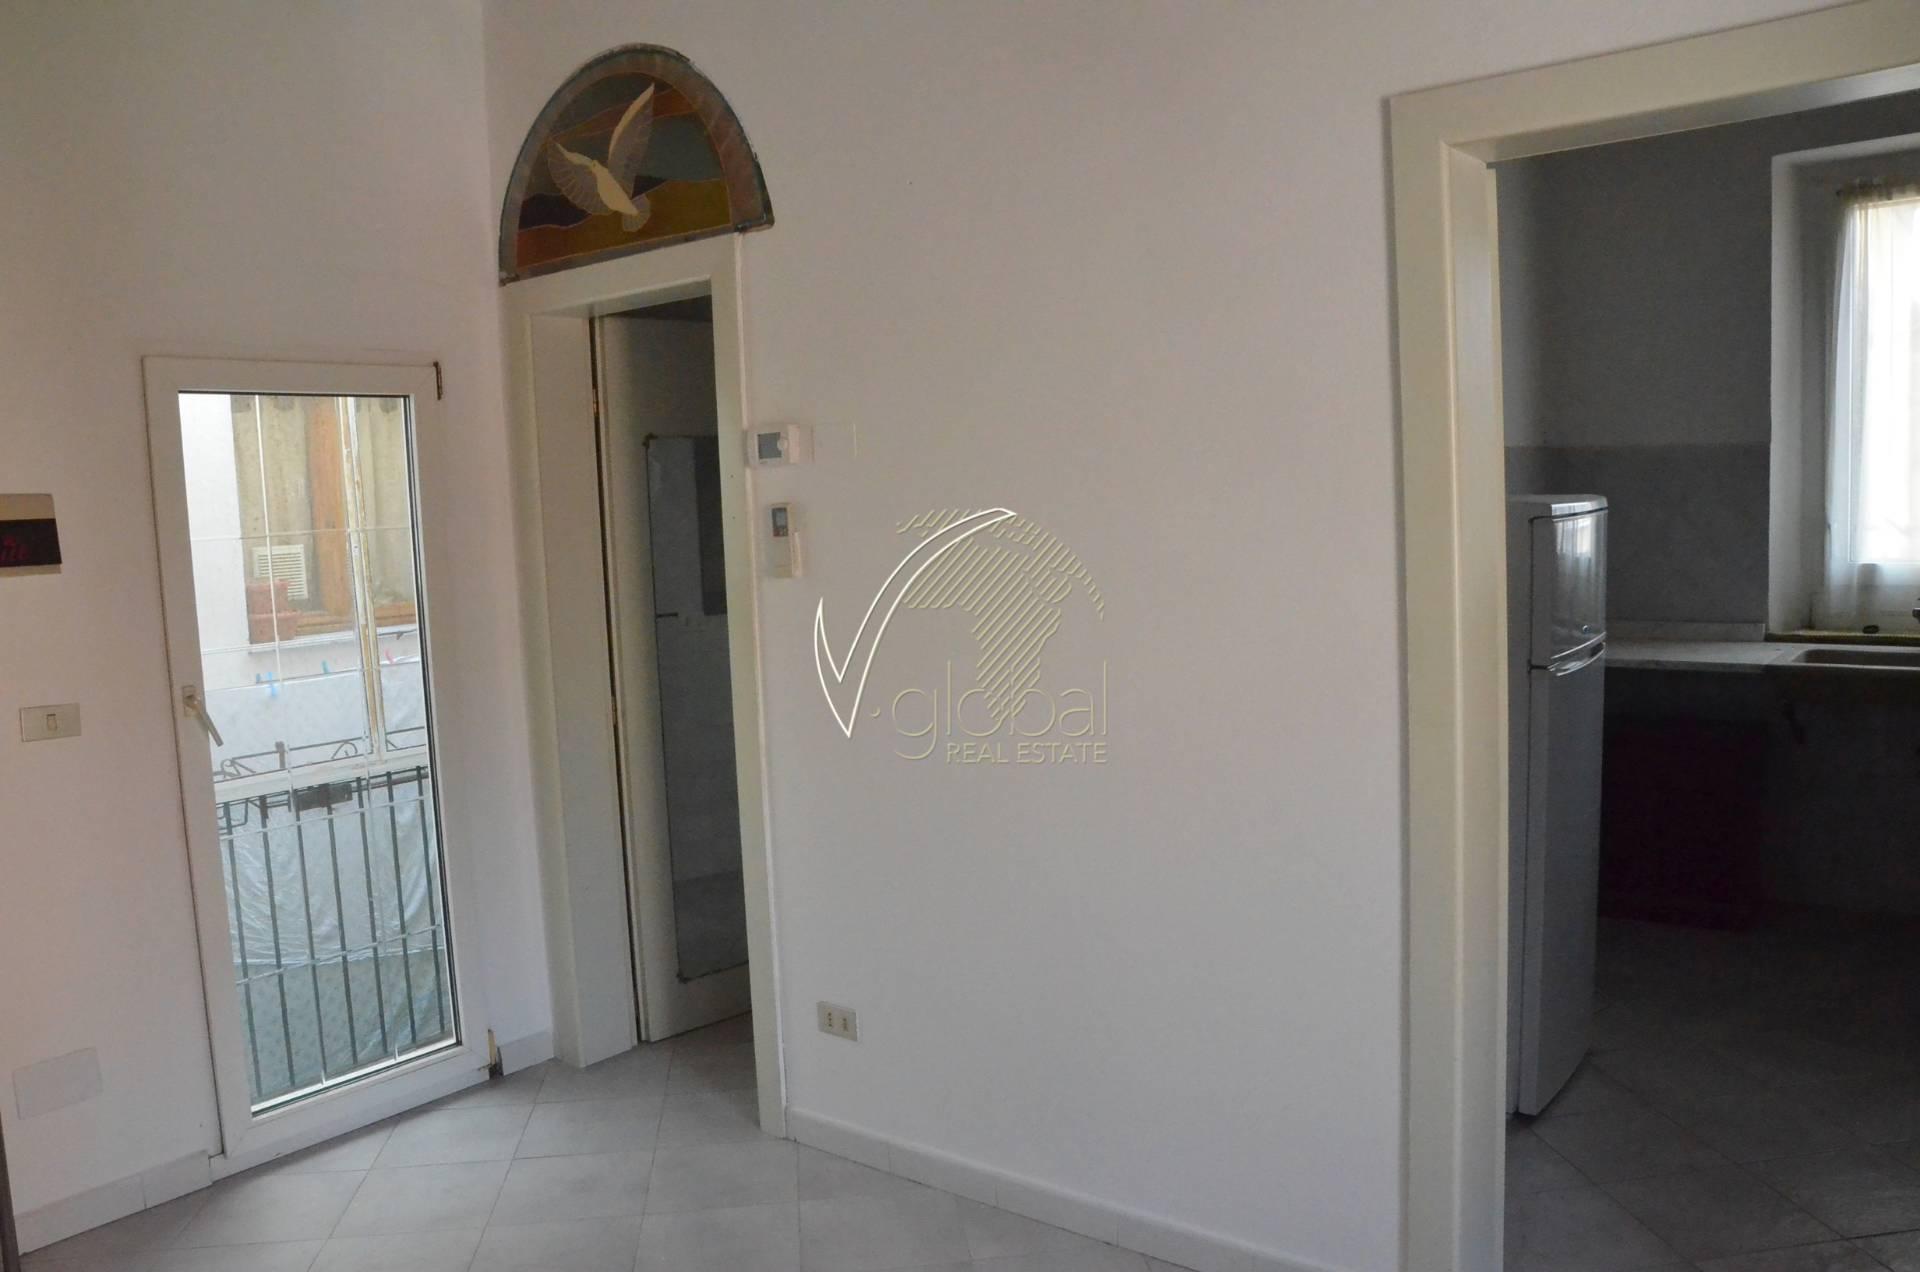 Appartamento in vendita a Livorno, 3 locali, zona Zona: Lungomare, prezzo € 89.000 | Cambio Casa.it